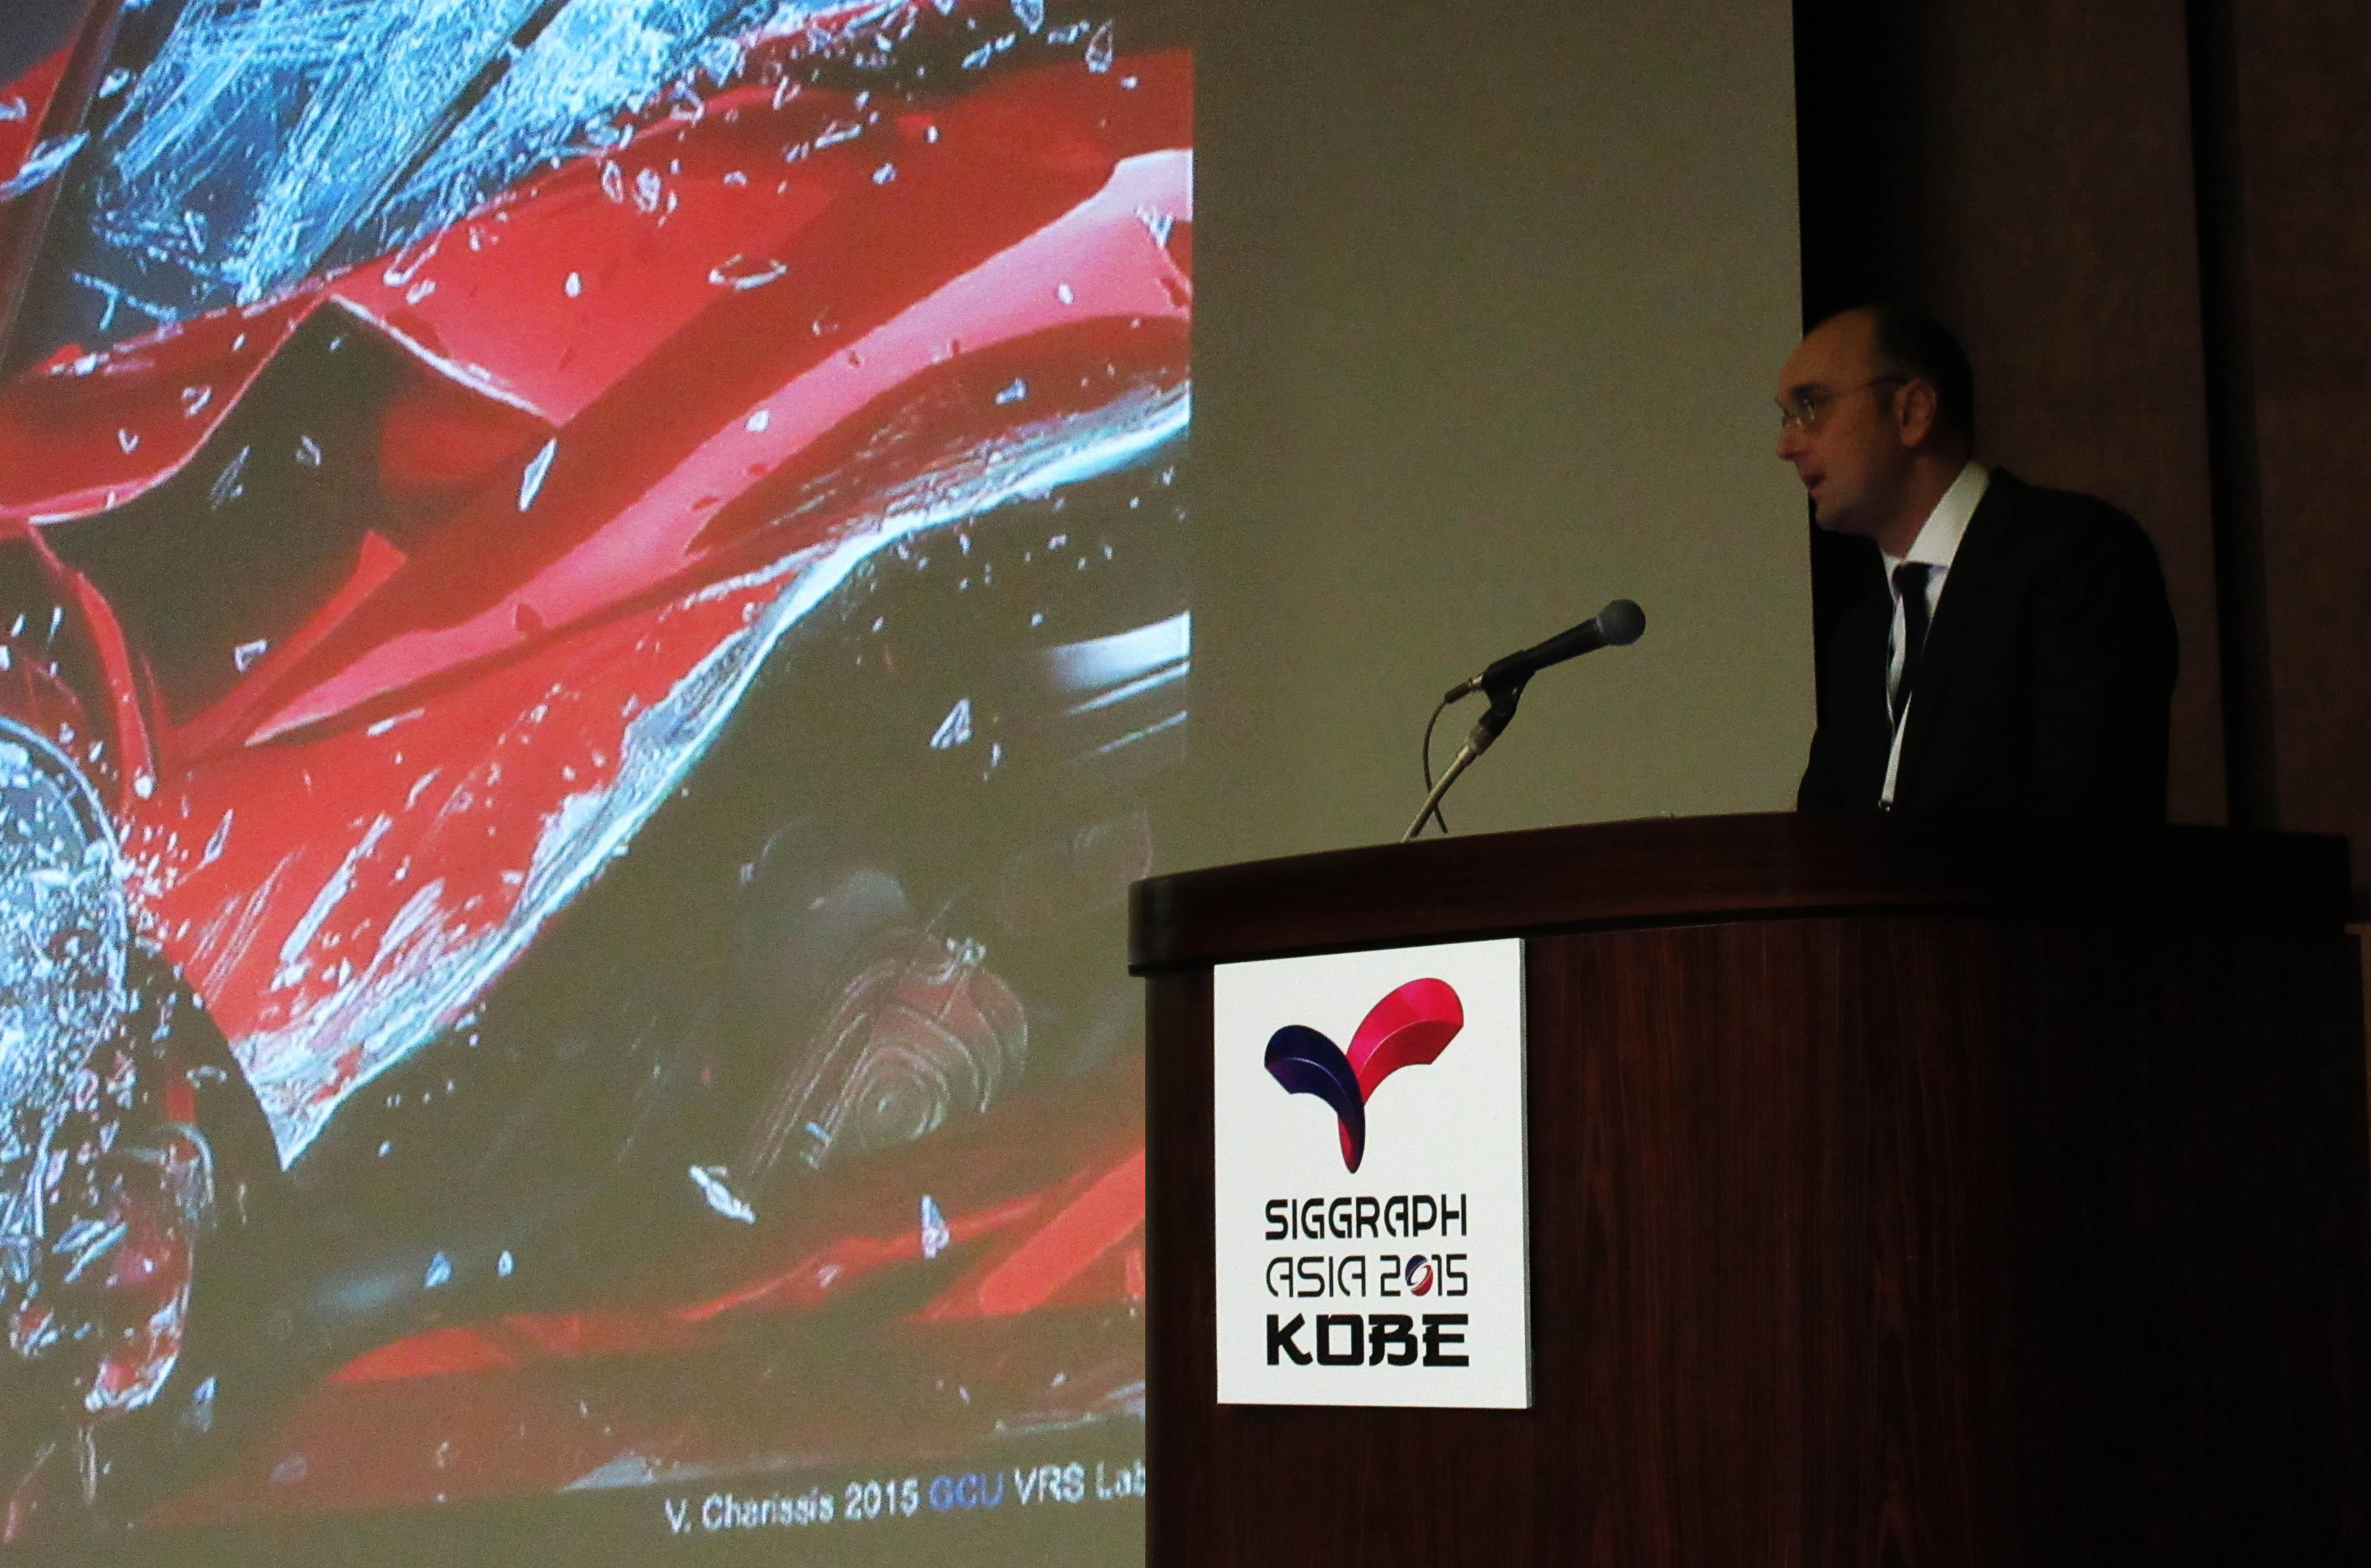 ACM Siggraph Asia 2015 Kobe Japan